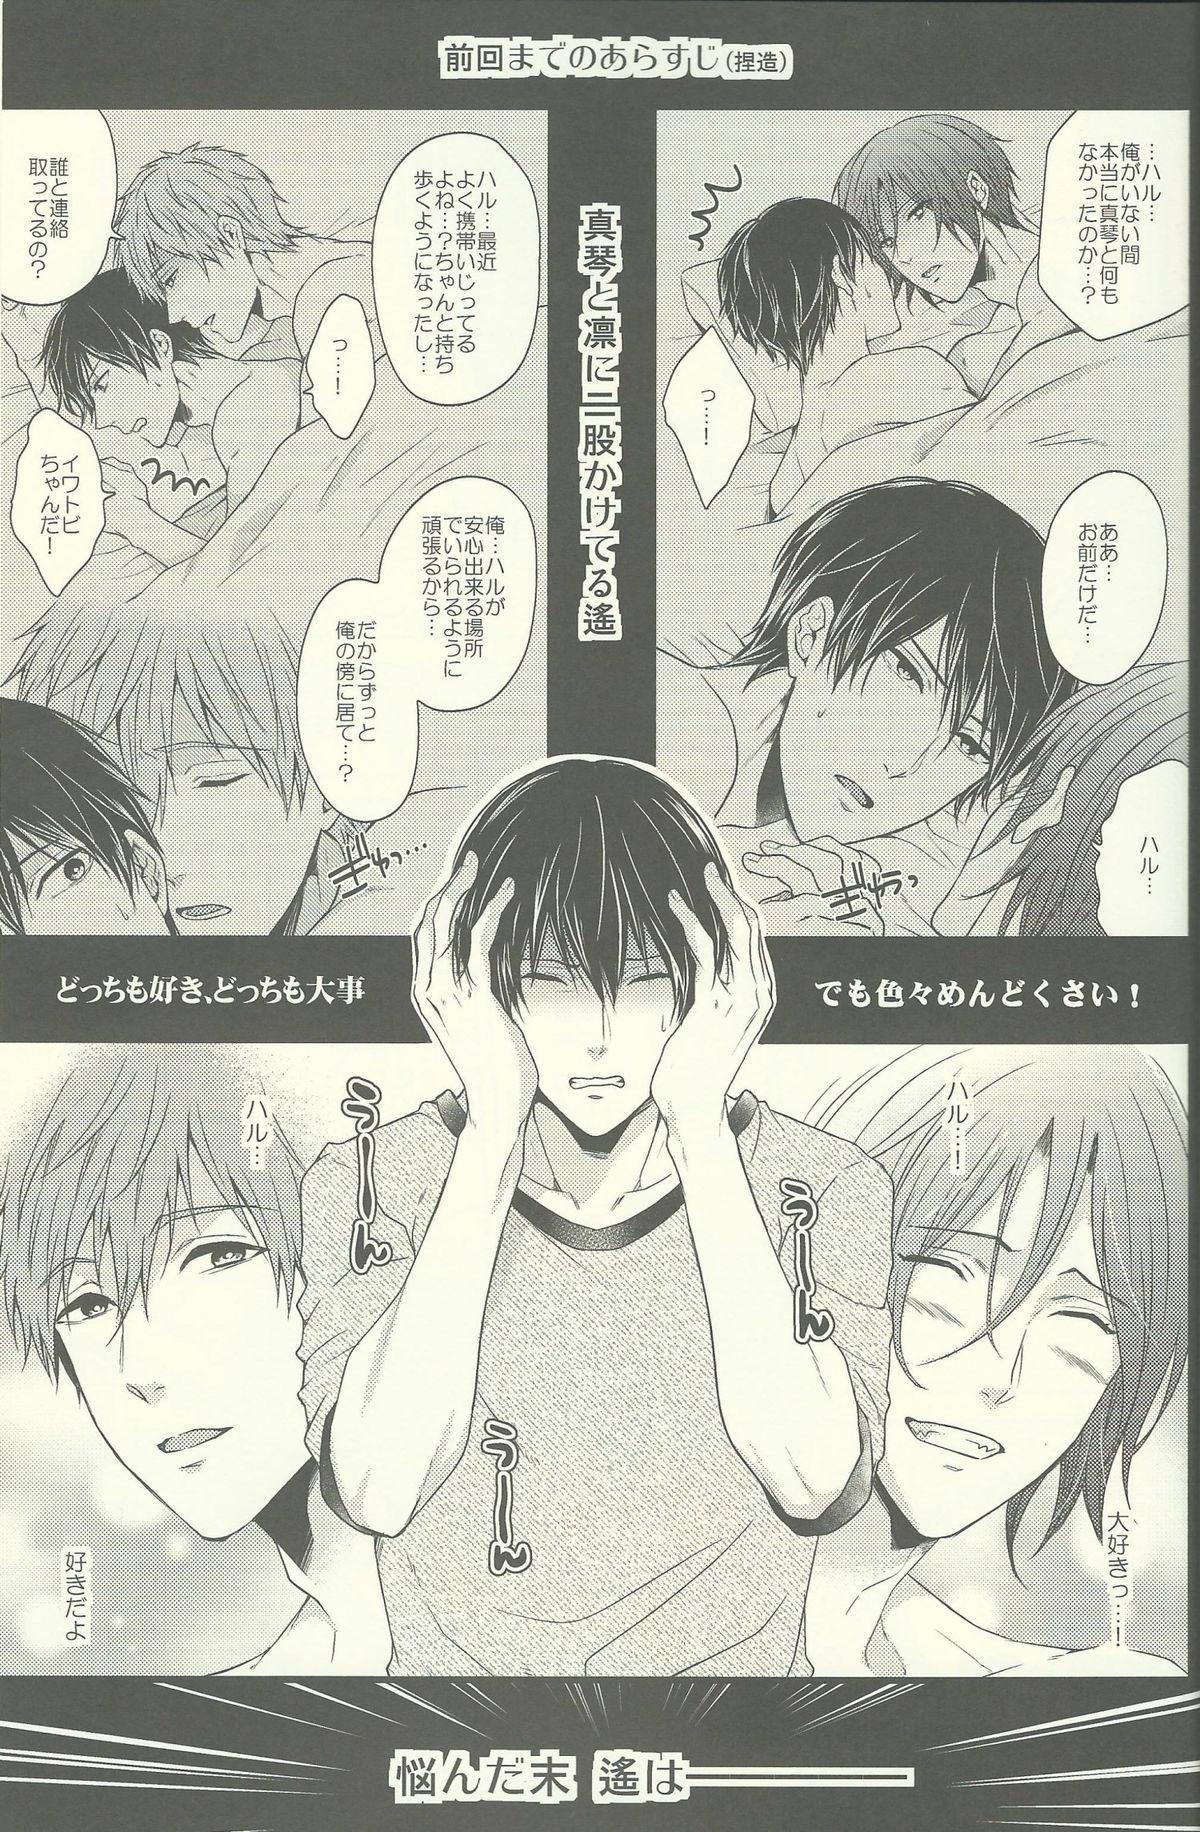 Yurushite Warui Iruka-chan 1